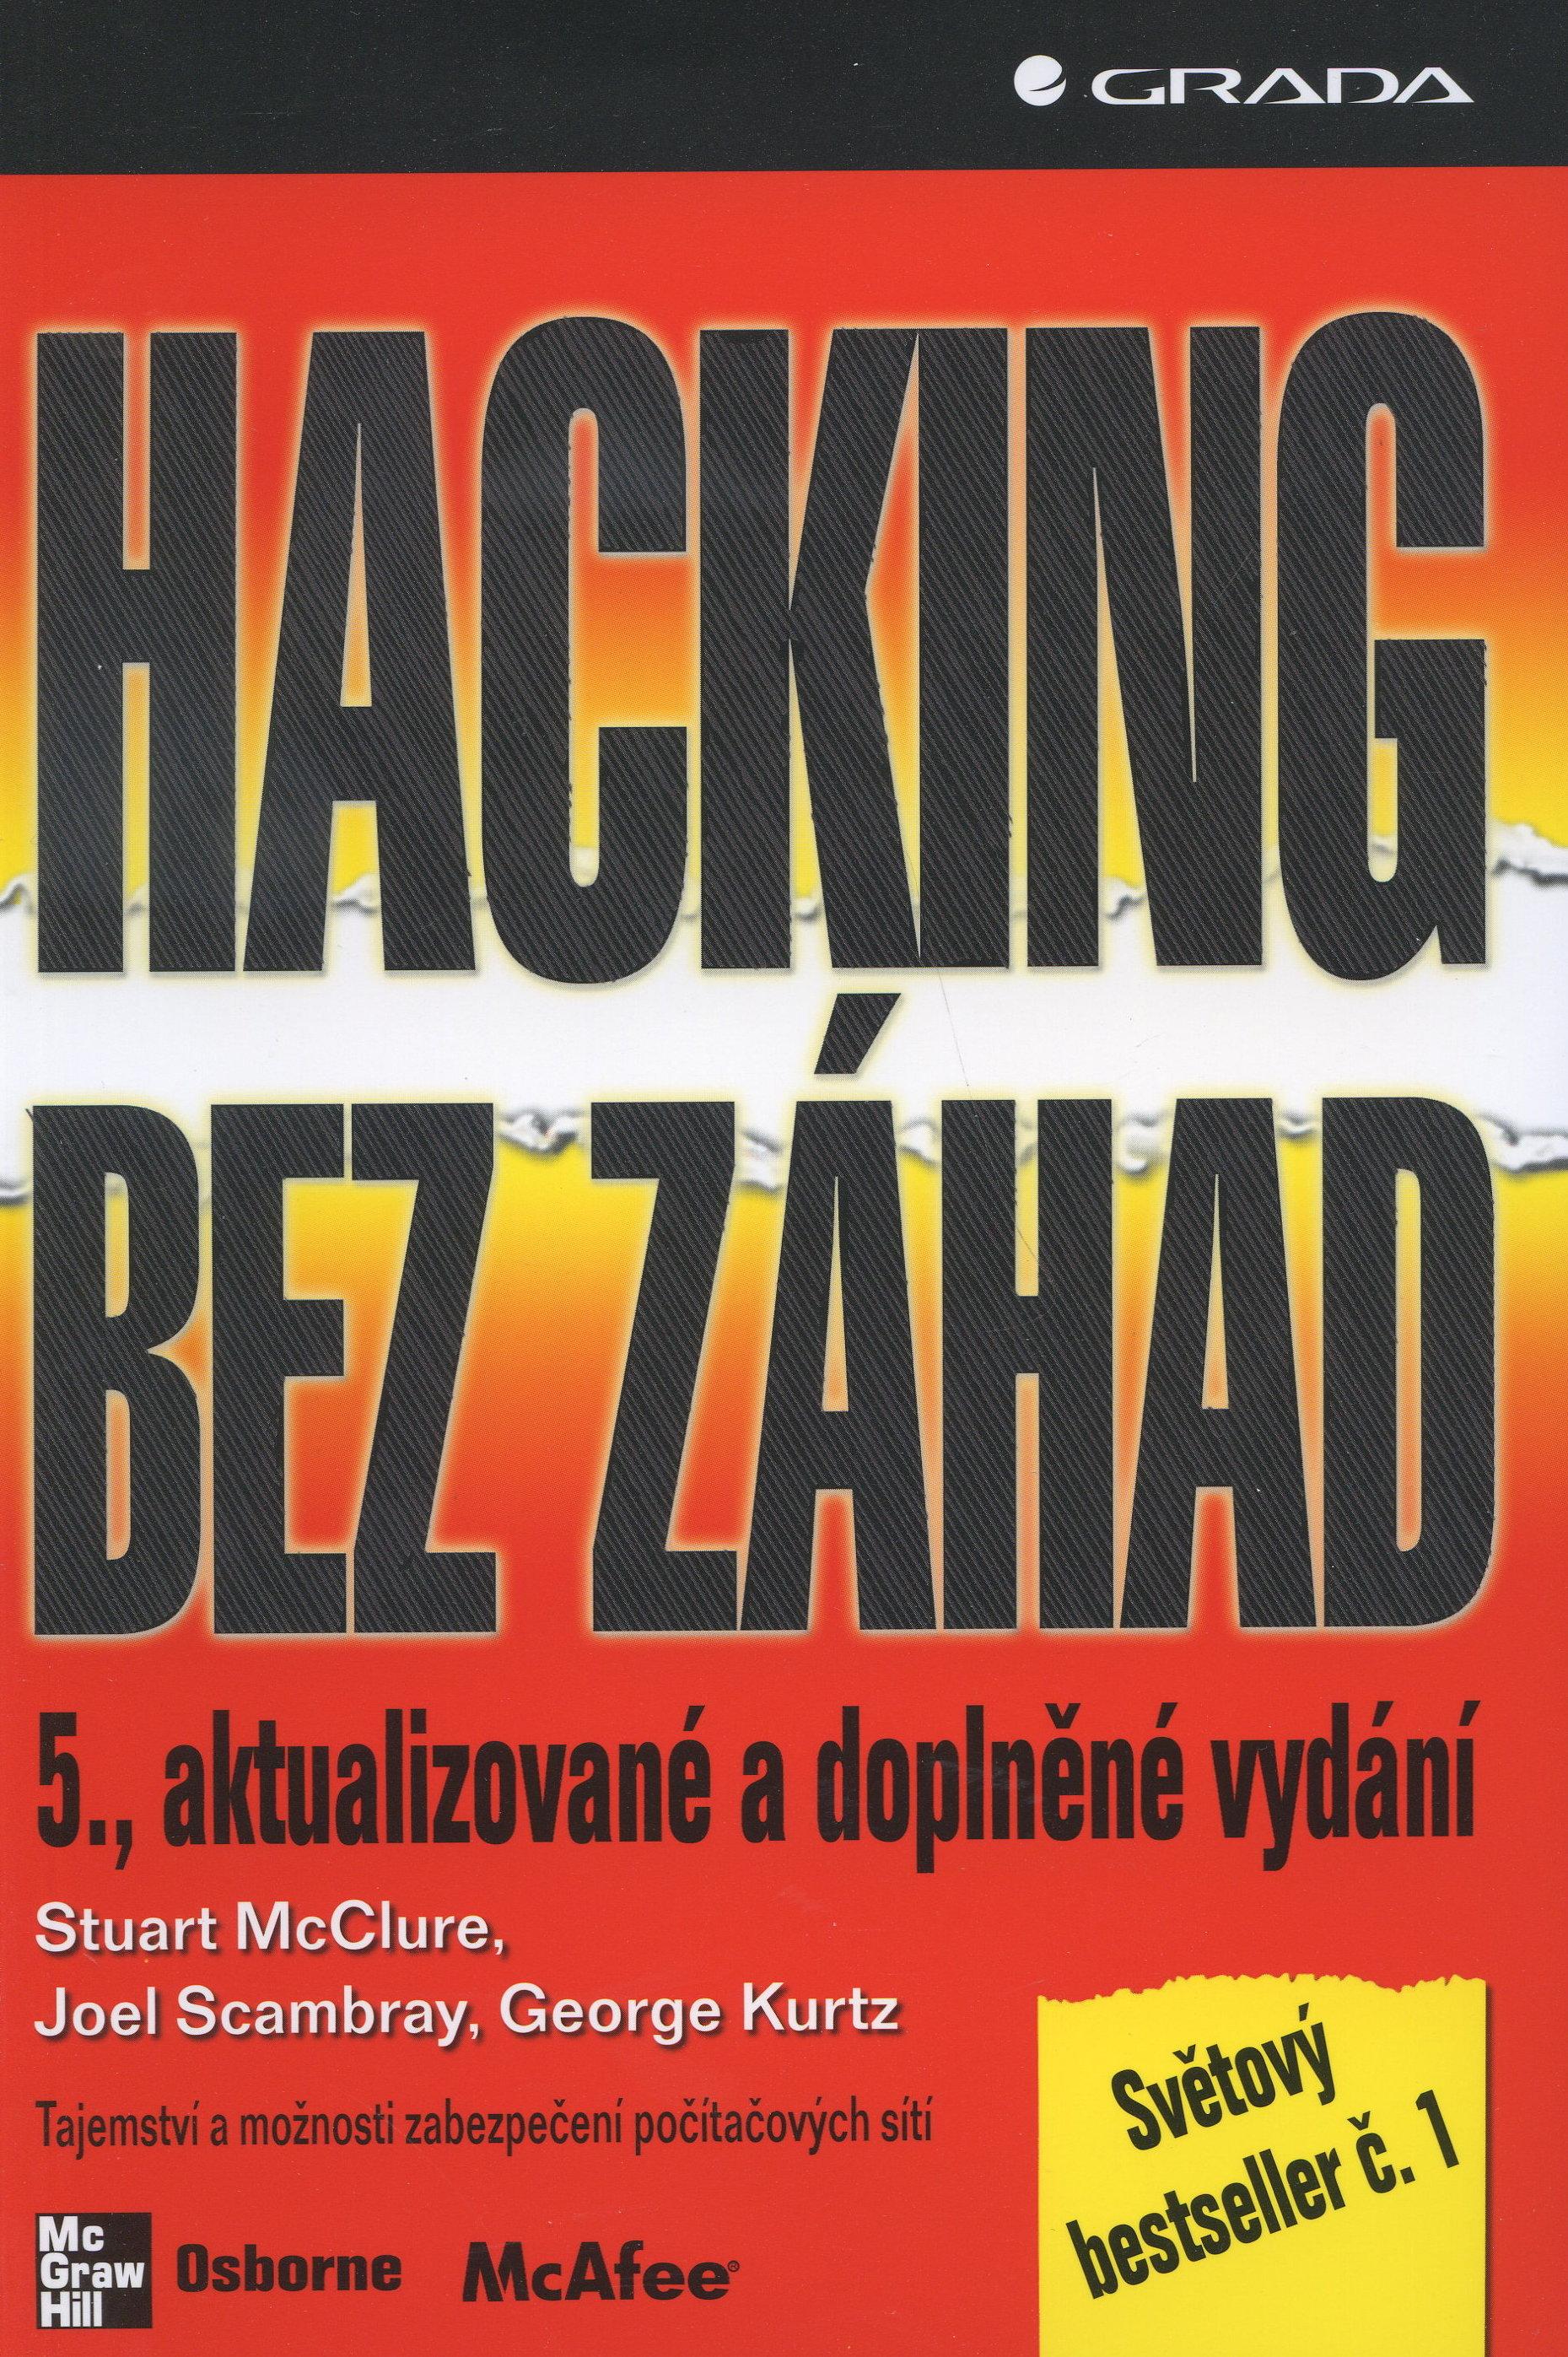 Hacking bez záhad - 5., aktualizované a doplněné vydání